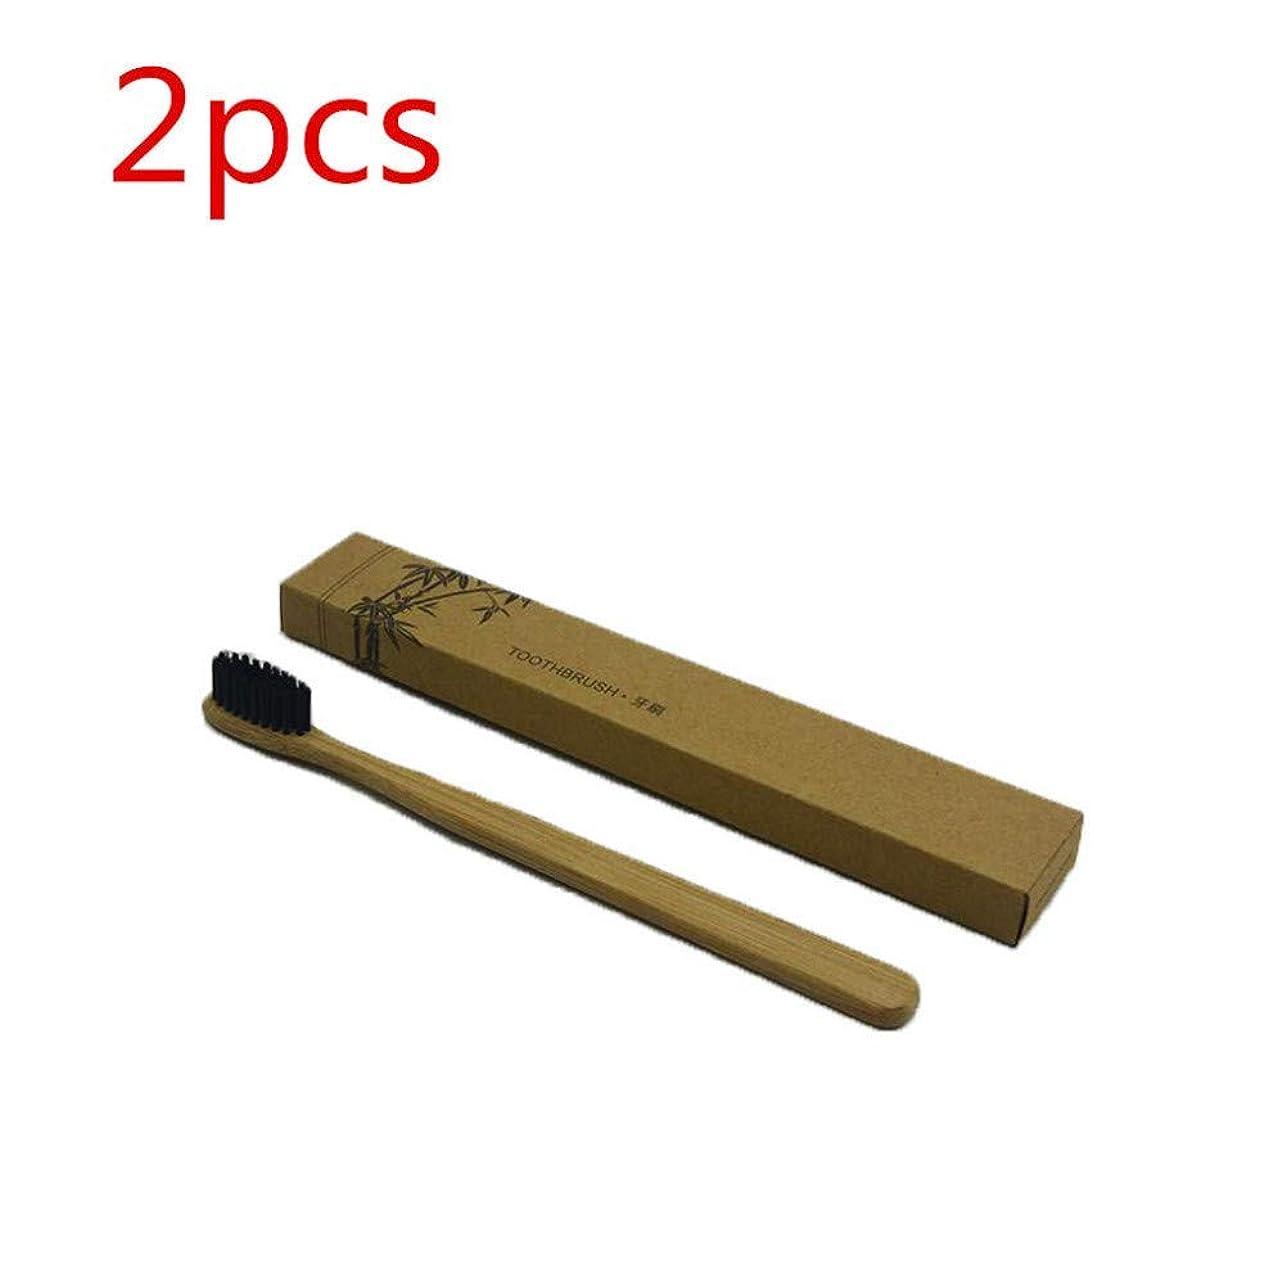 岸宿るエゴイズム2ピース竹歯ブラシ卸売木製竹歯ブラシオーラルケア柔らかい毛木製歯ブラシ竹、B